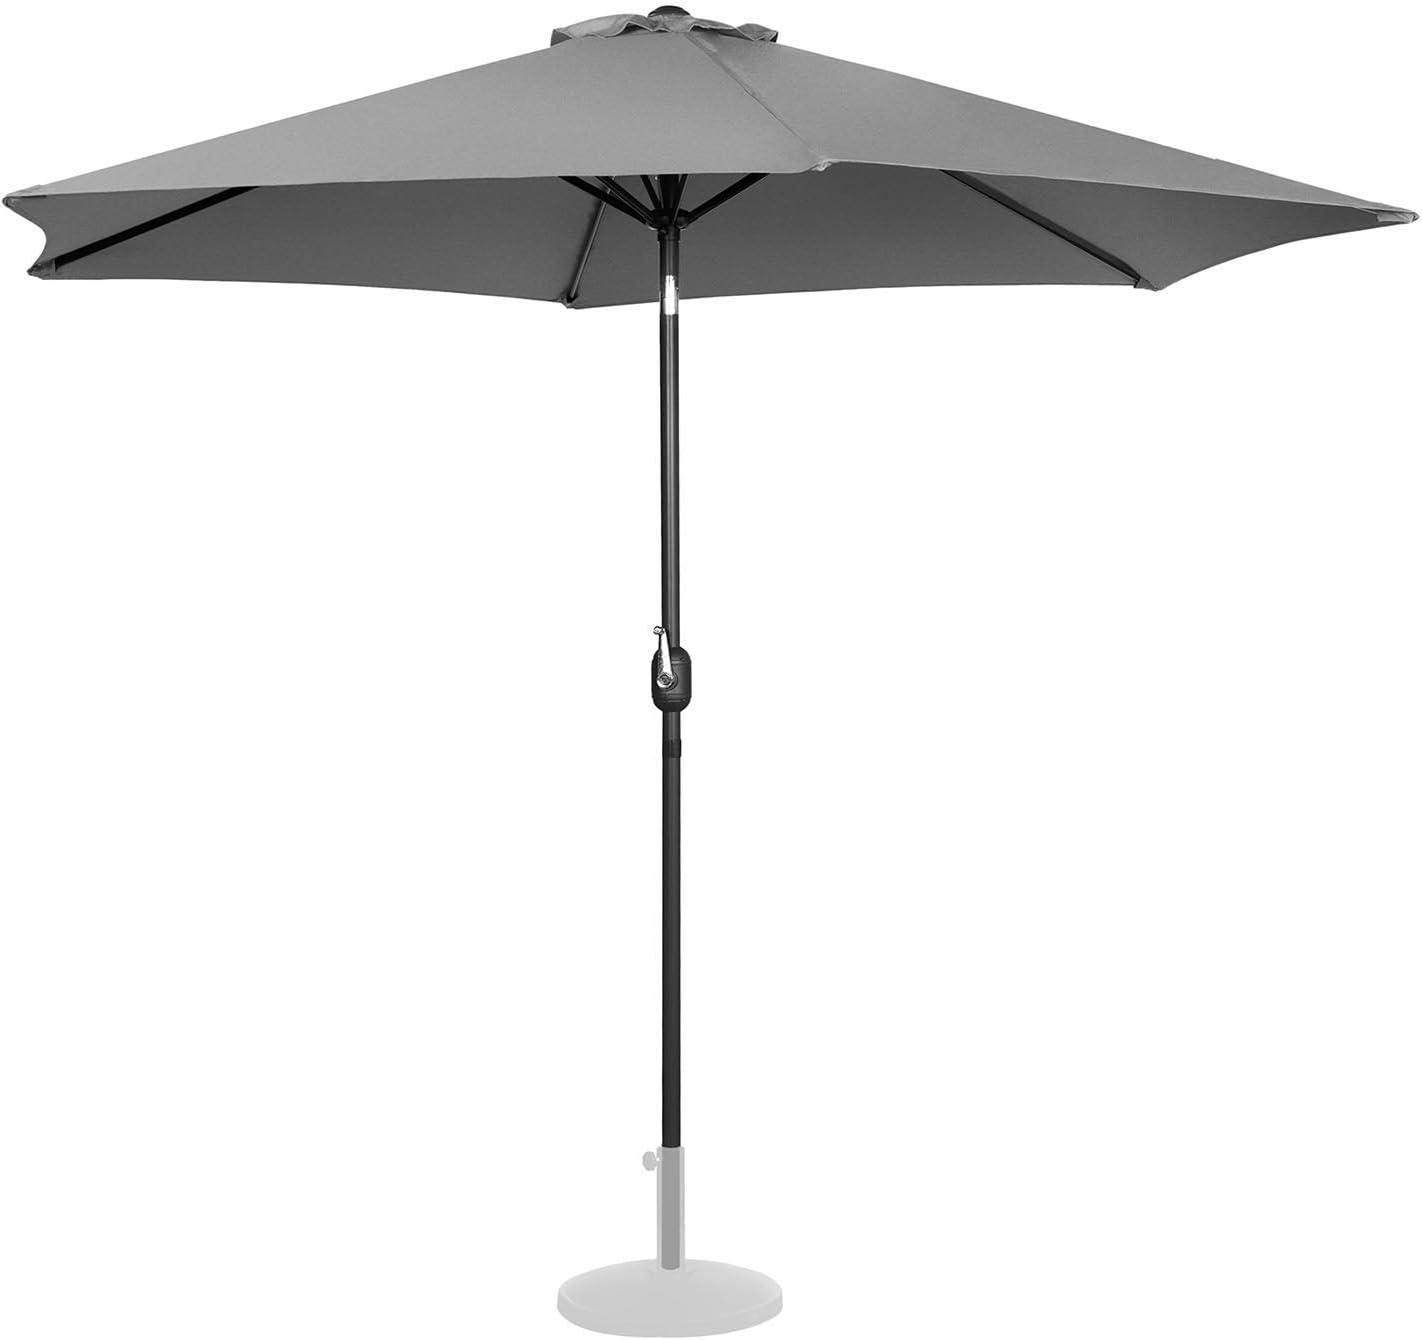 Arancione, Esagonale, Inclinabile, /Ø 300 cm Uniprodo Ombrellone da Esterno Grande Ombrello da Giardino Uni/_Umbrella/_TR300OR